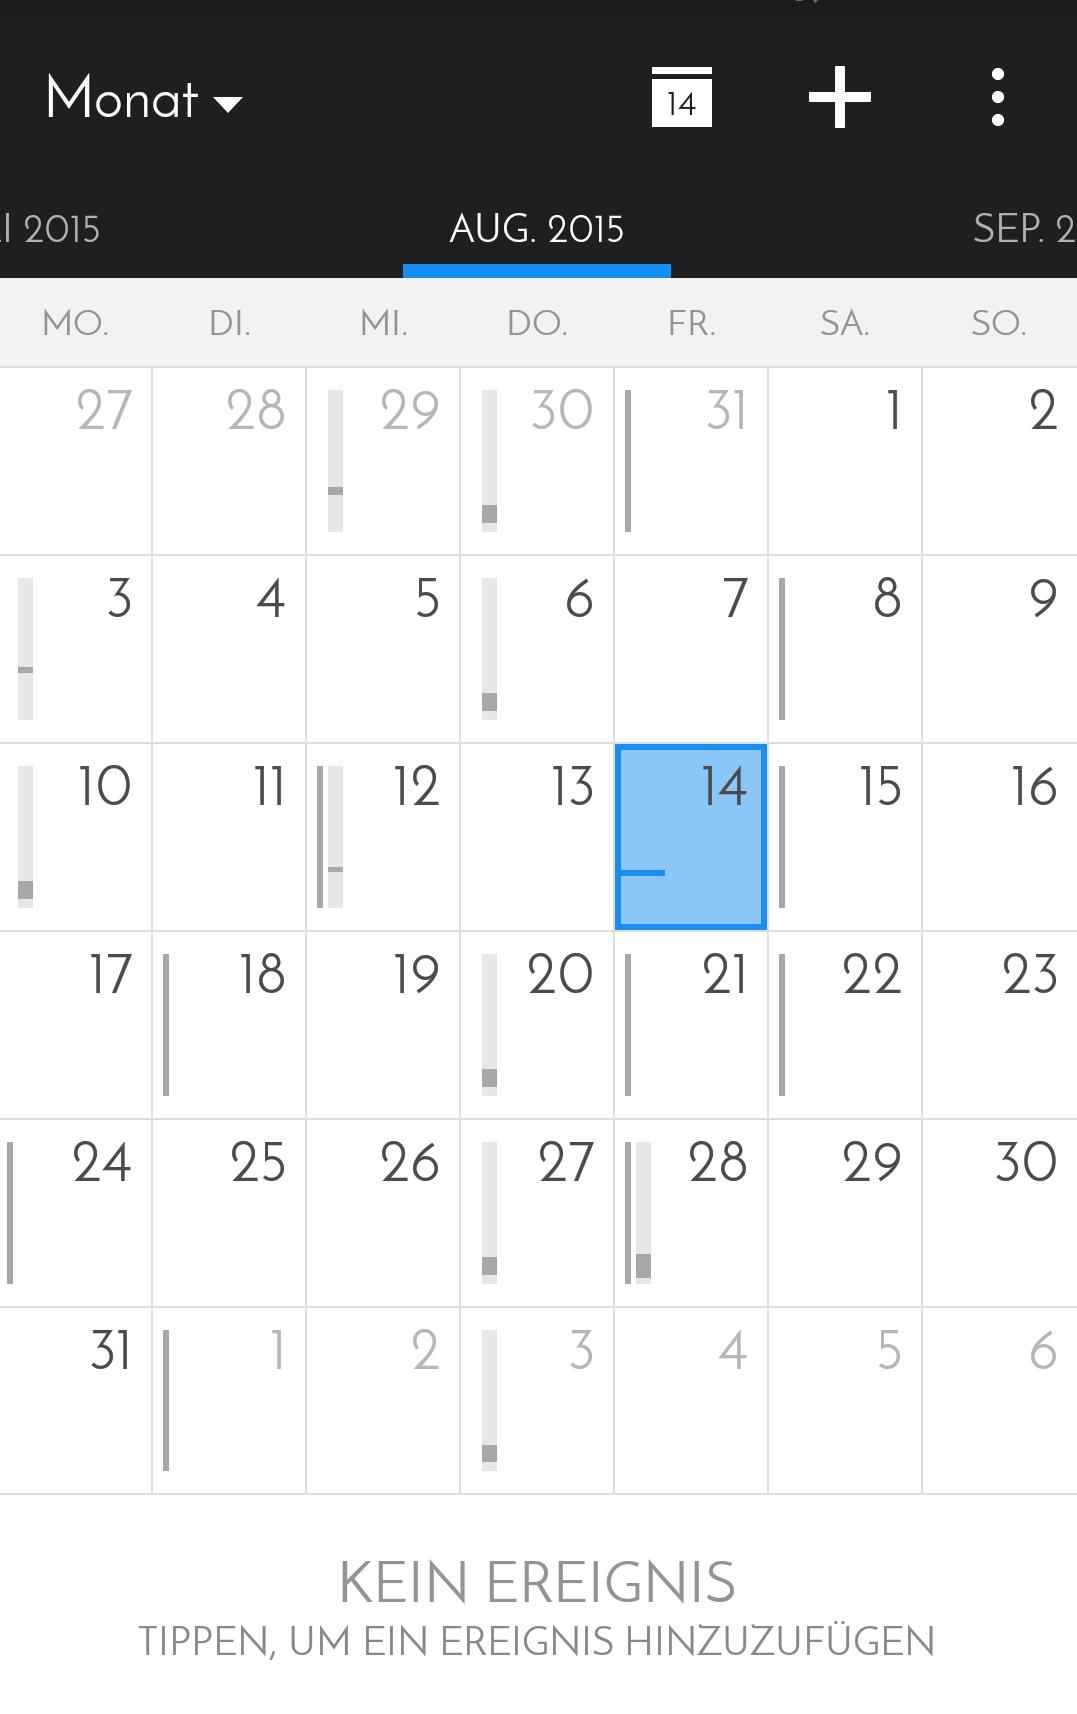 Acalendar Anleitung kalender apps für android ## alternative zu vorinstallierten